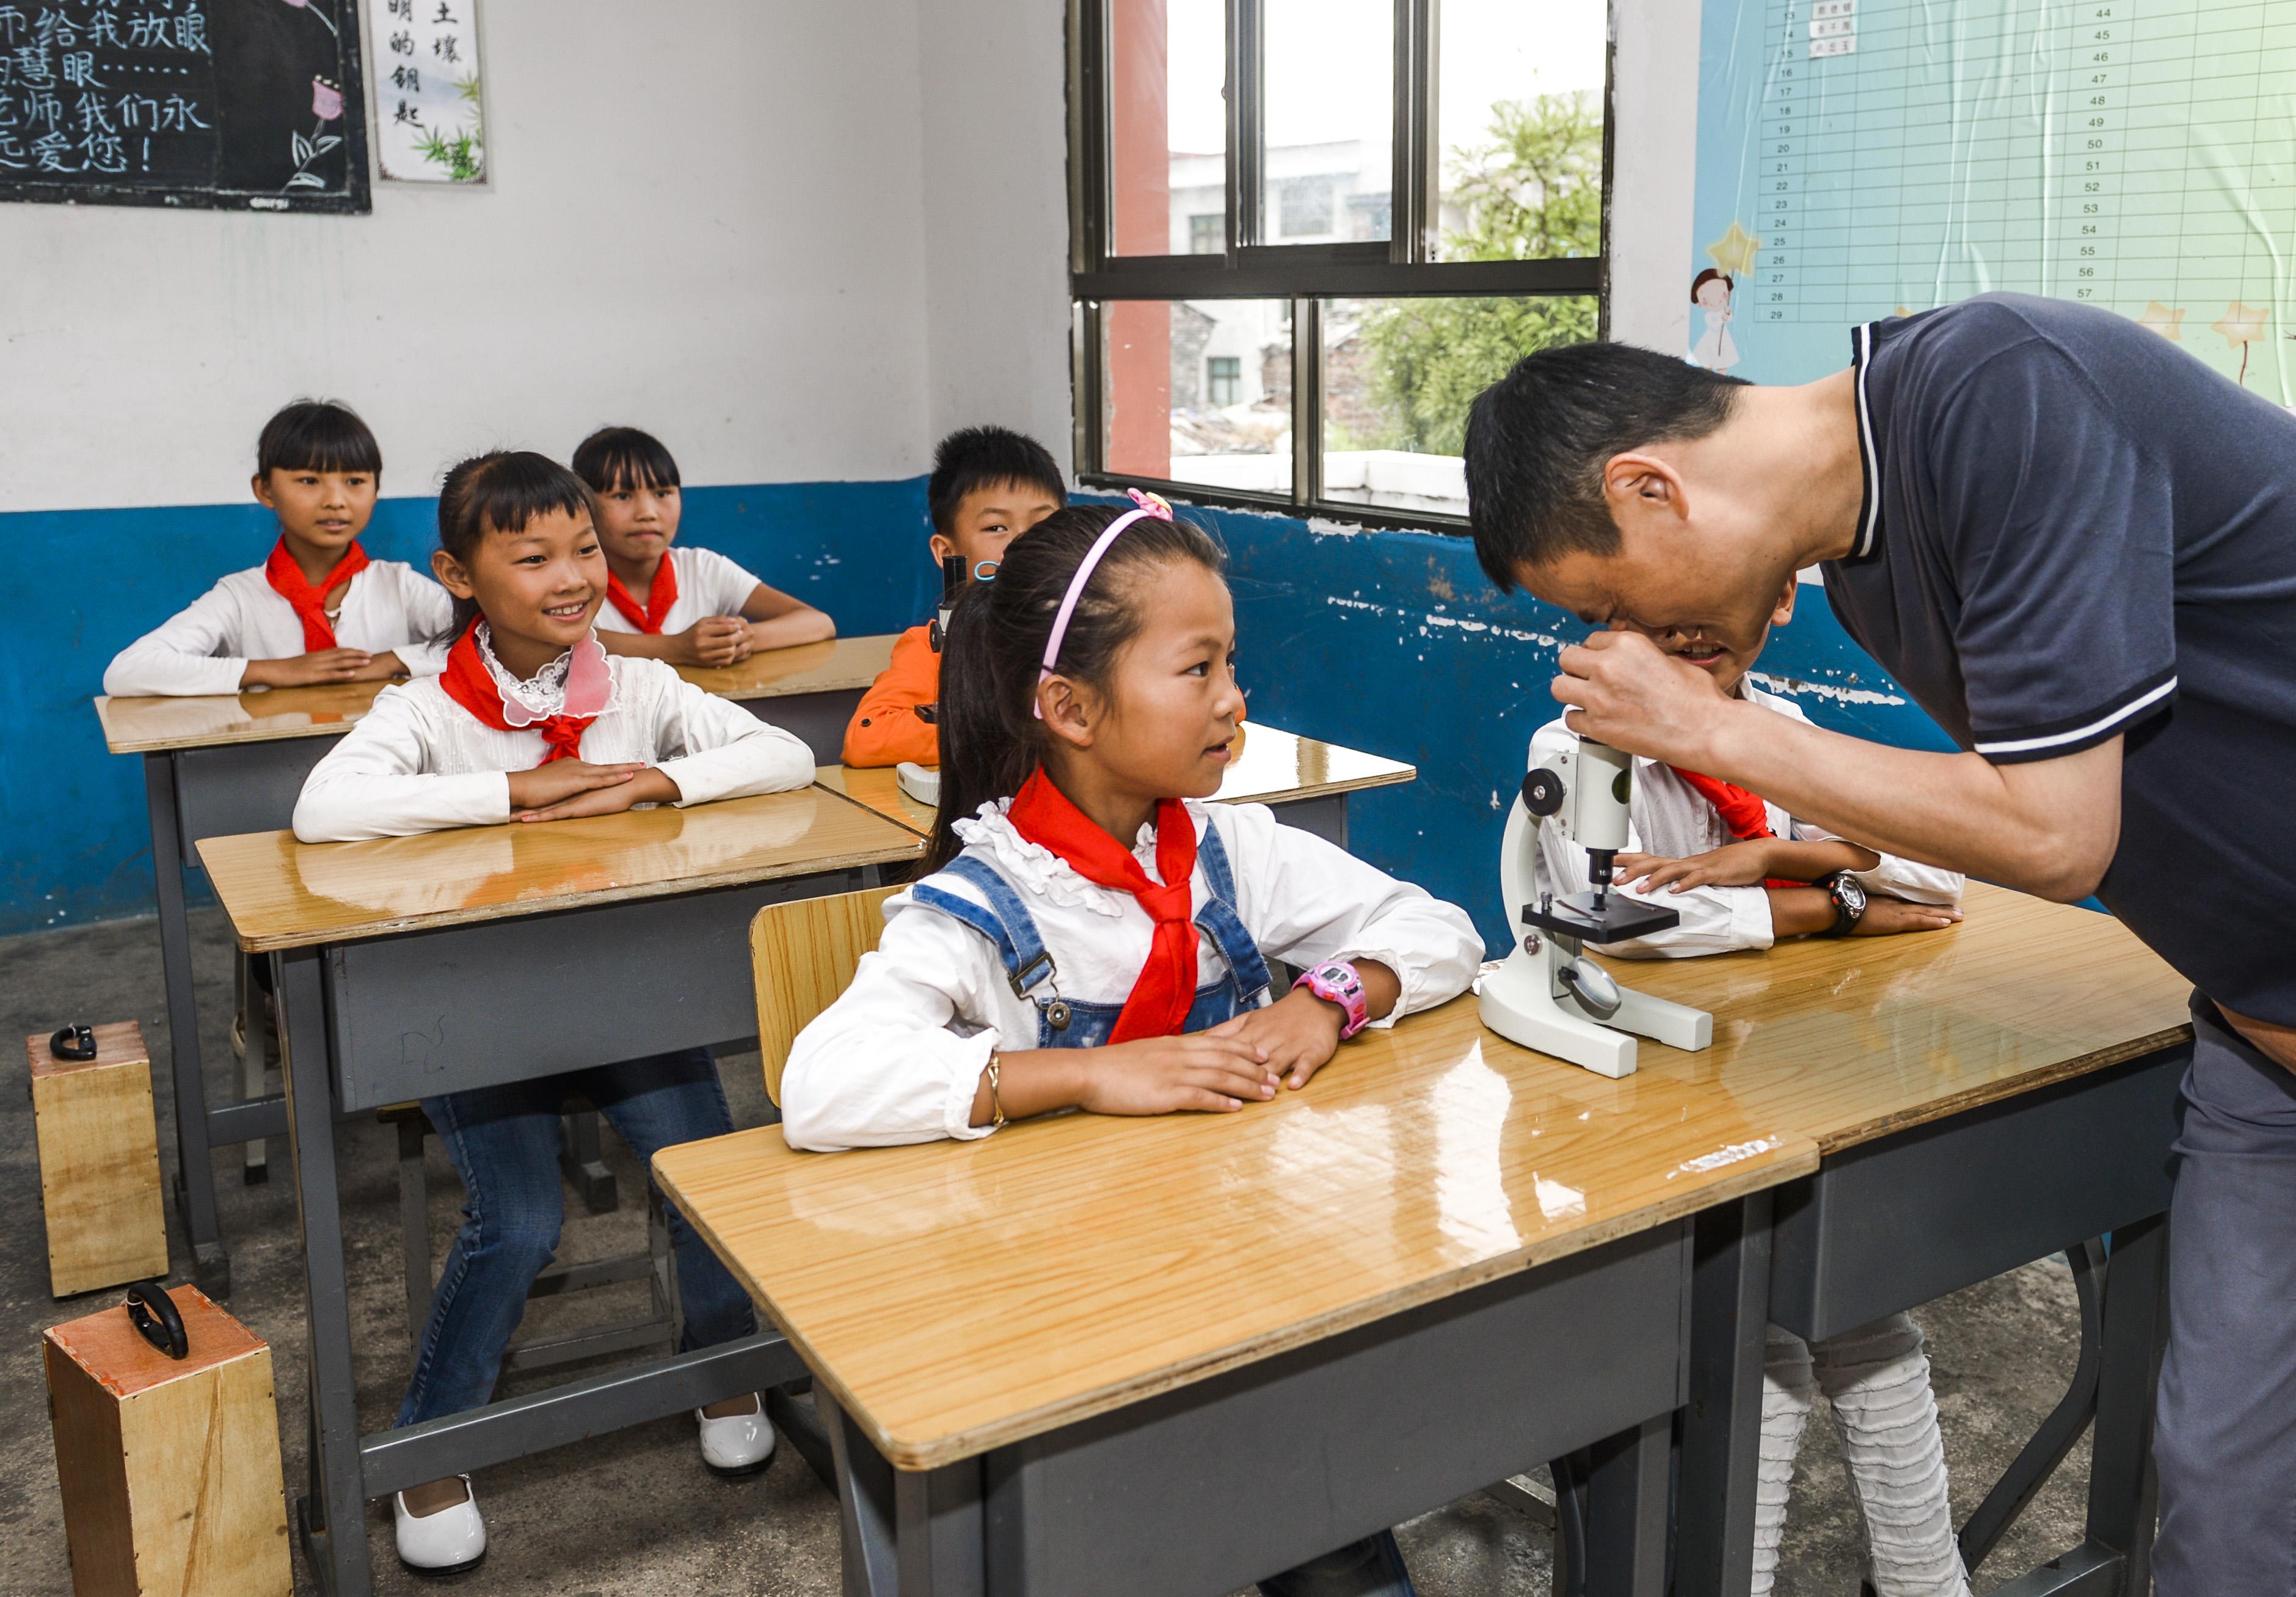 贵州乡村来了一位新老师 马云雨中上课也是拼了